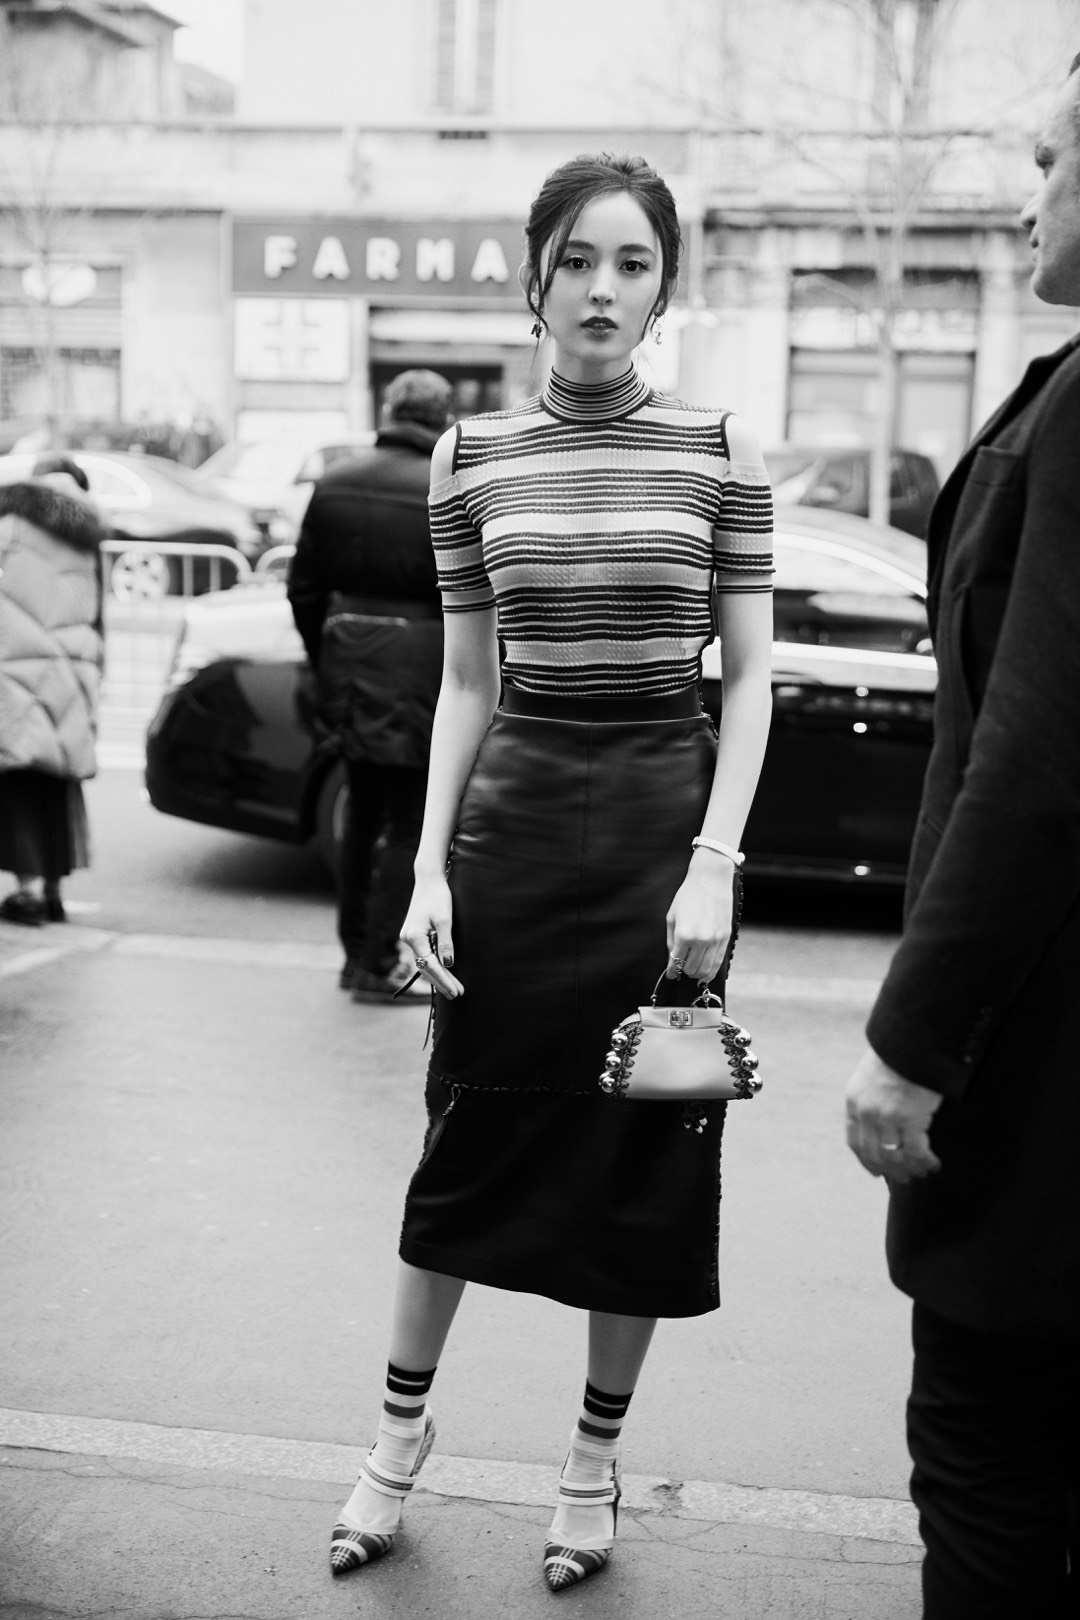 娜扎亮相米兰时装周   修身造型展现靓丽好身材